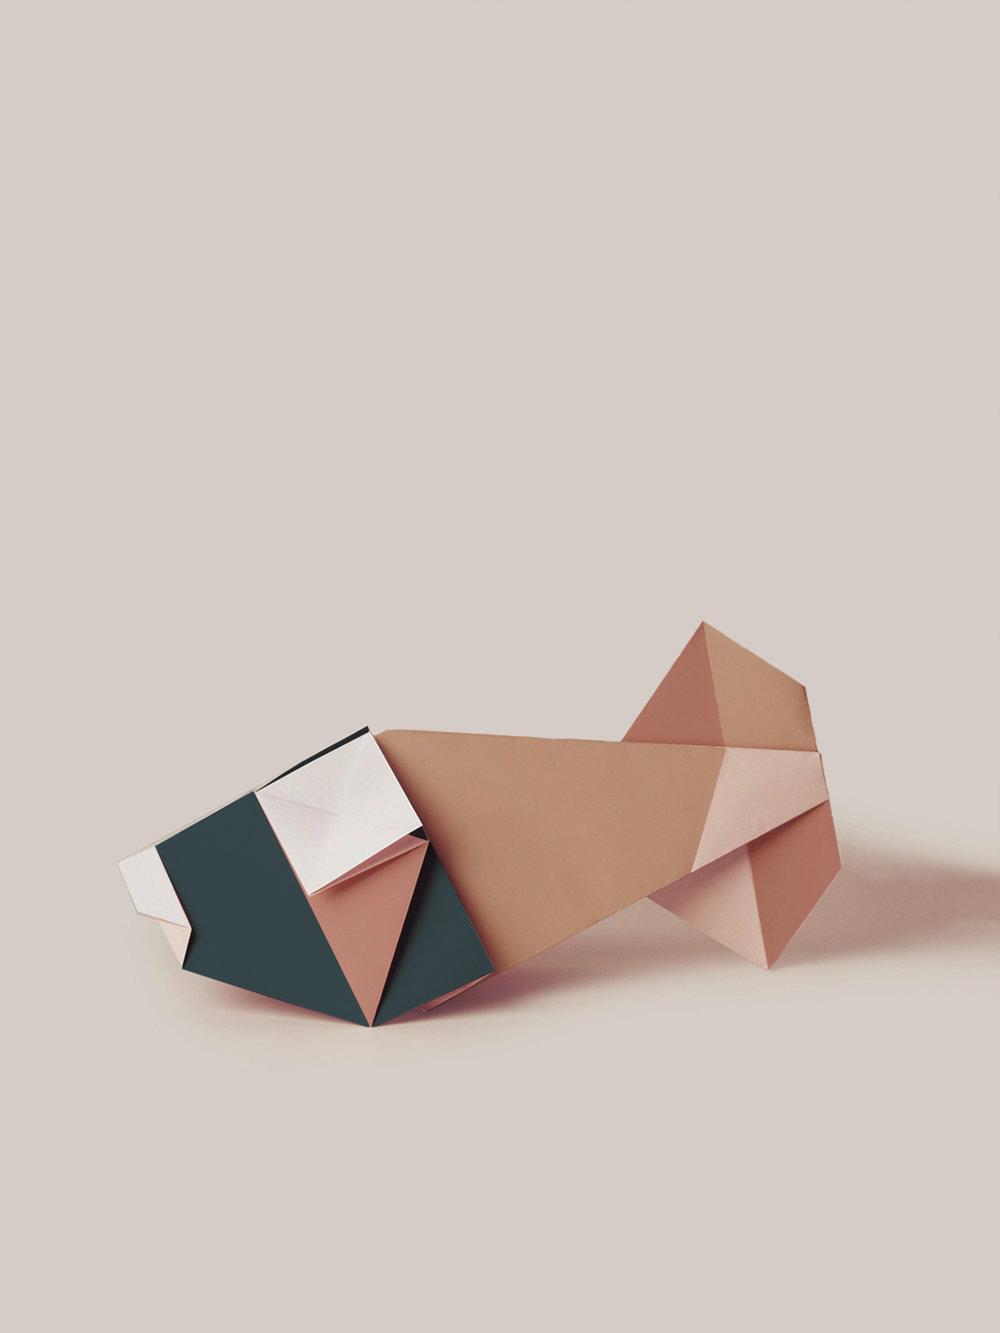 Origami Figur Goldfisch, mehrfarbig  Origami figure Goldfish, multicolored